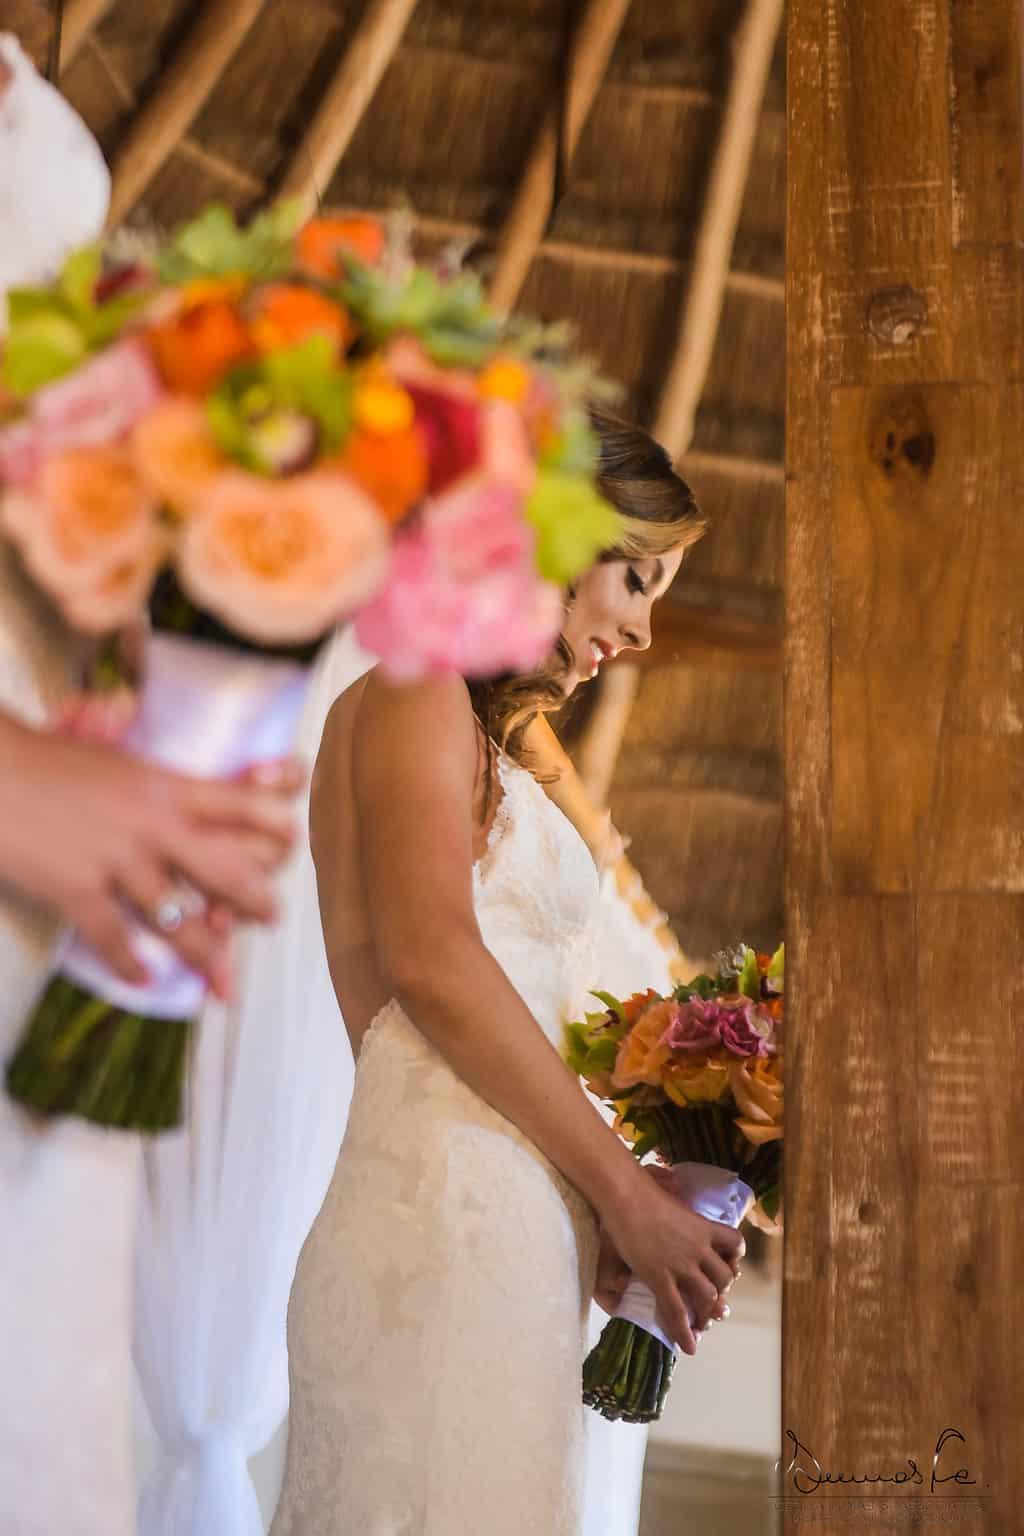 mahekalhotel-playadelcarmen-weddingphotography-lindseyalfredo24